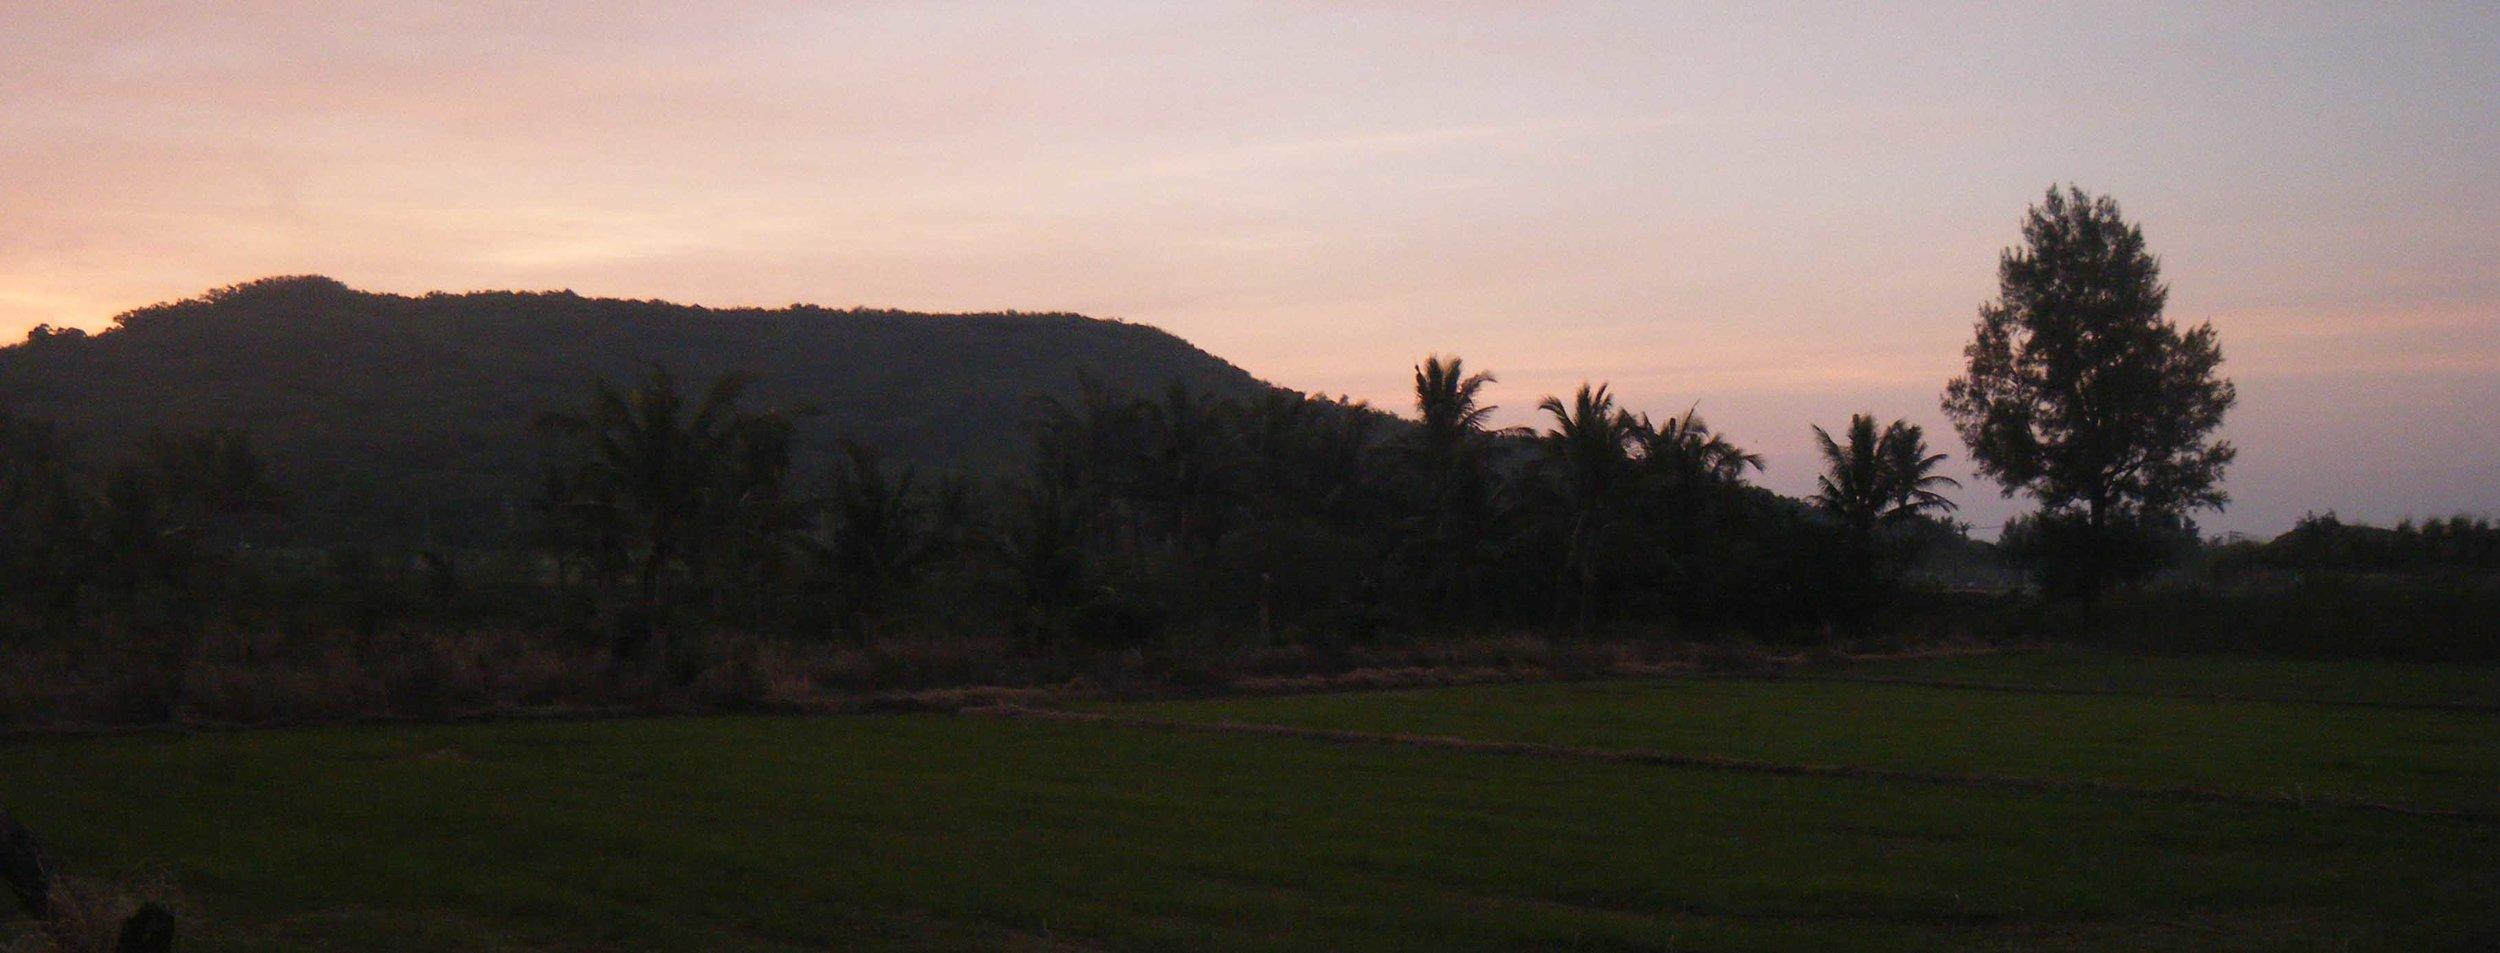 sunset behing turtle mountain.jpg